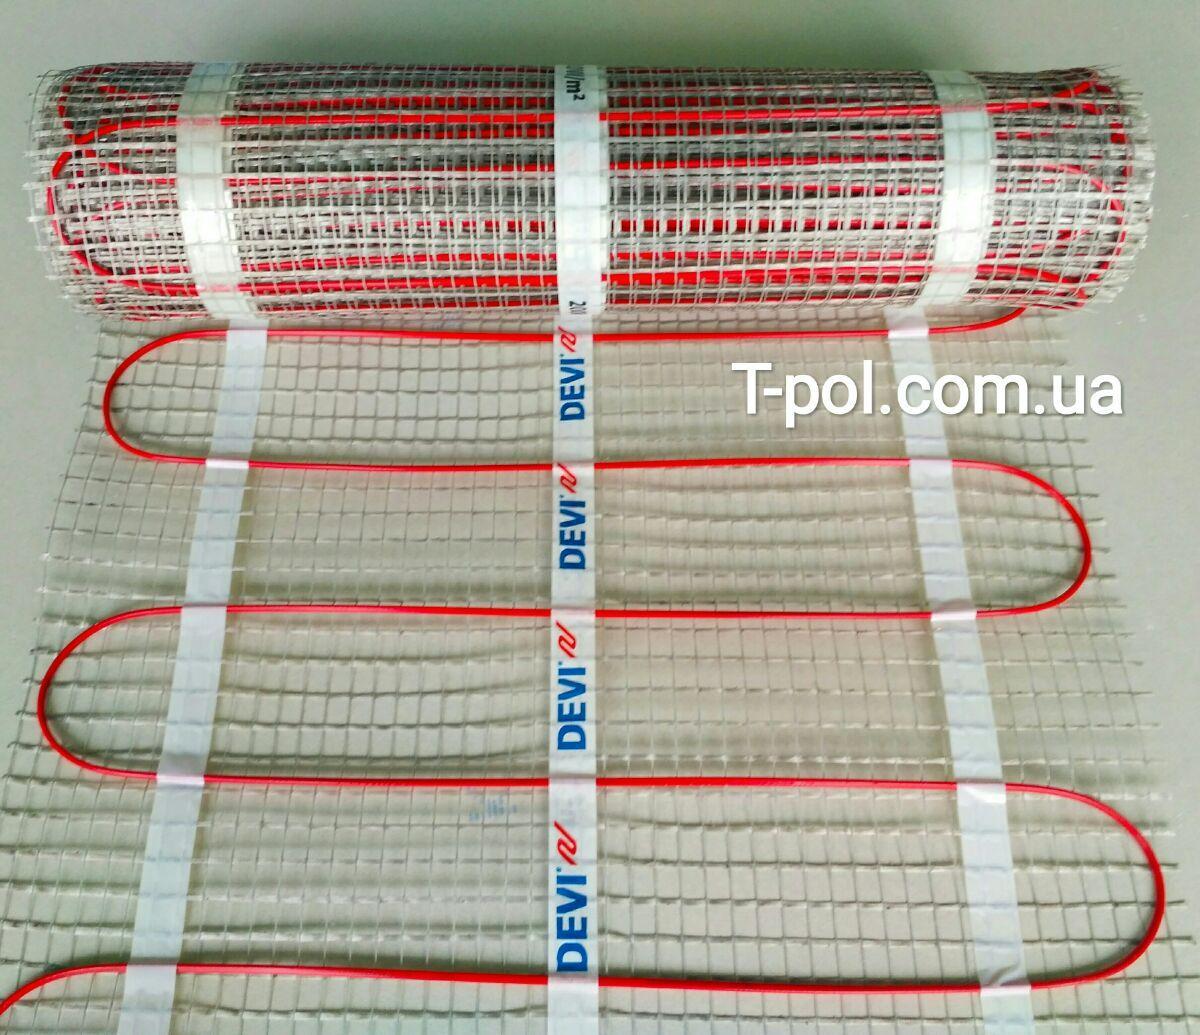 Теплый пол Devi нагревательный мат devicomfort dtir-150t на 9 м2